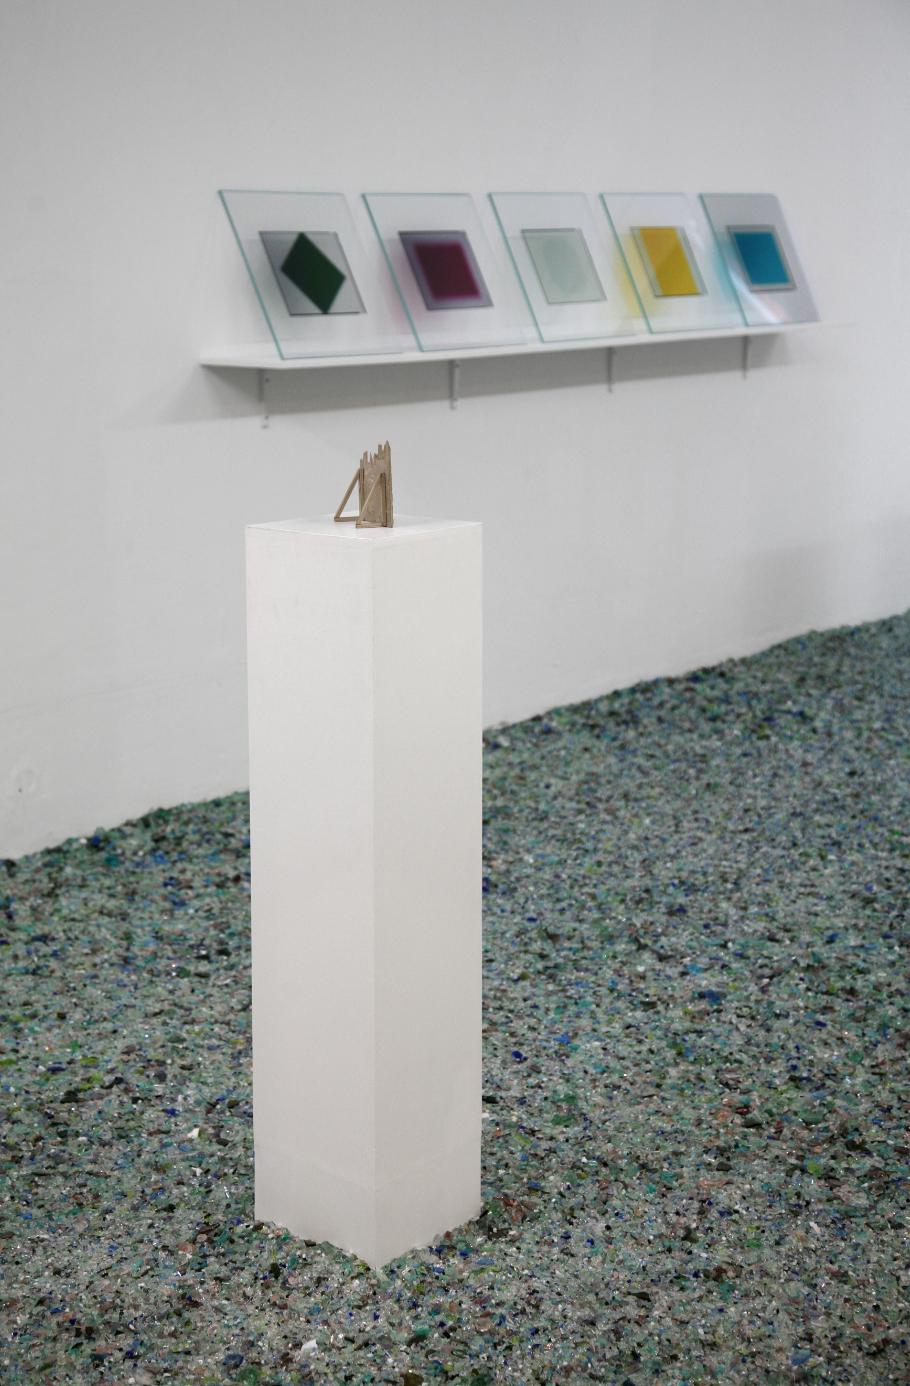 Light Sculptures, 2011-2015